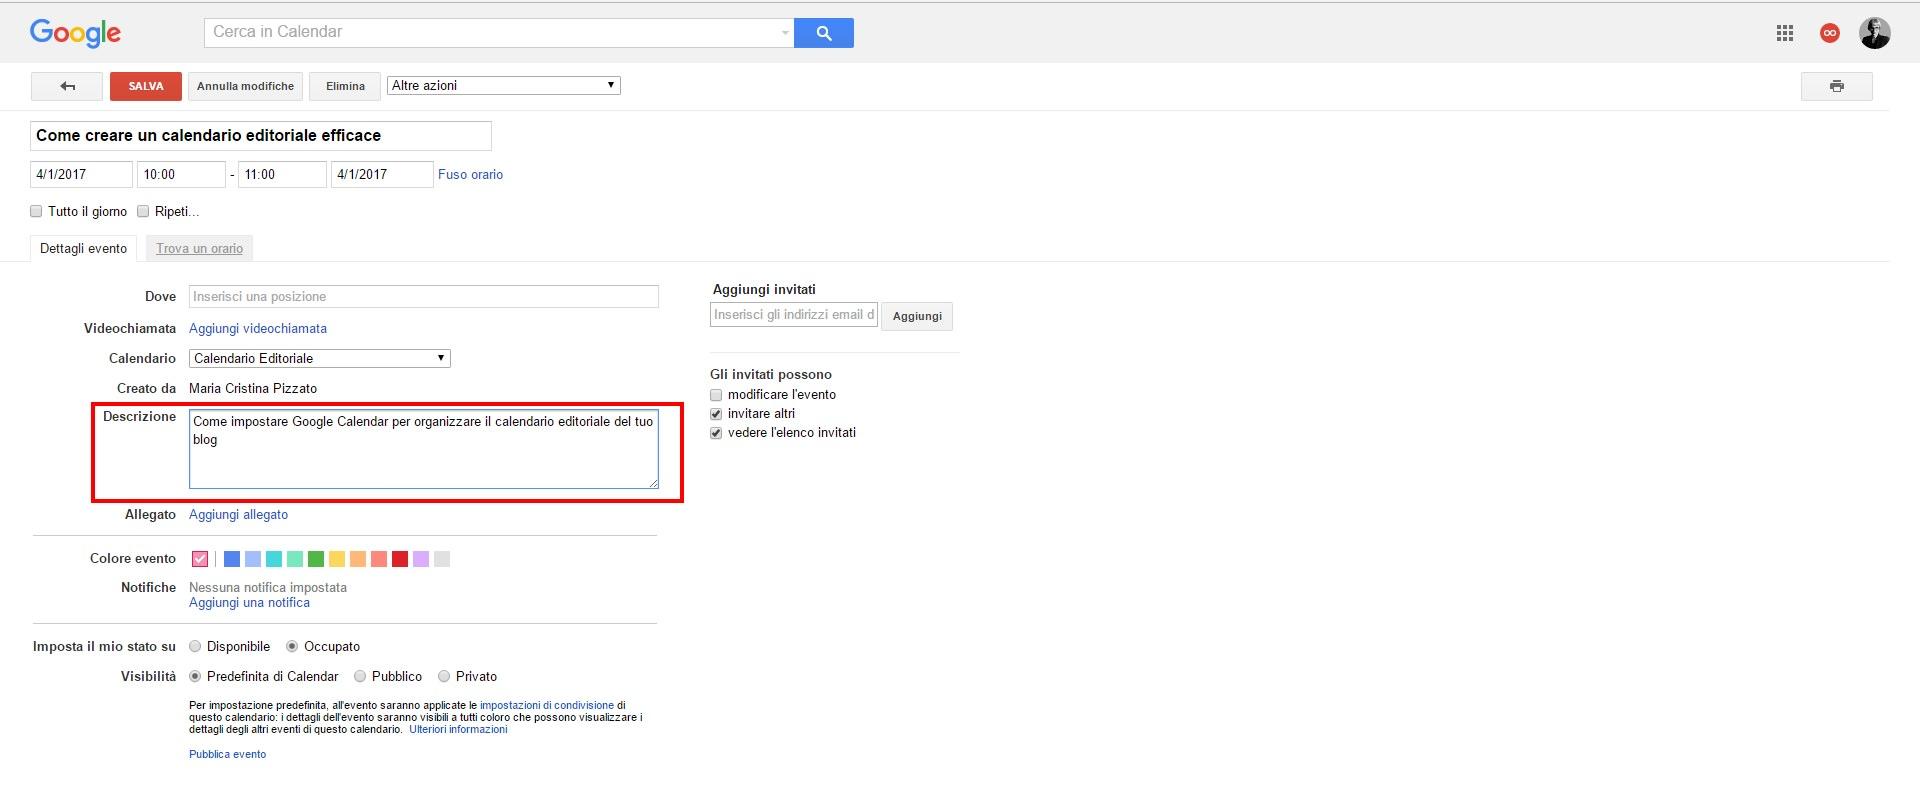 modifica-CalendarioEditoriale-Google-calendar